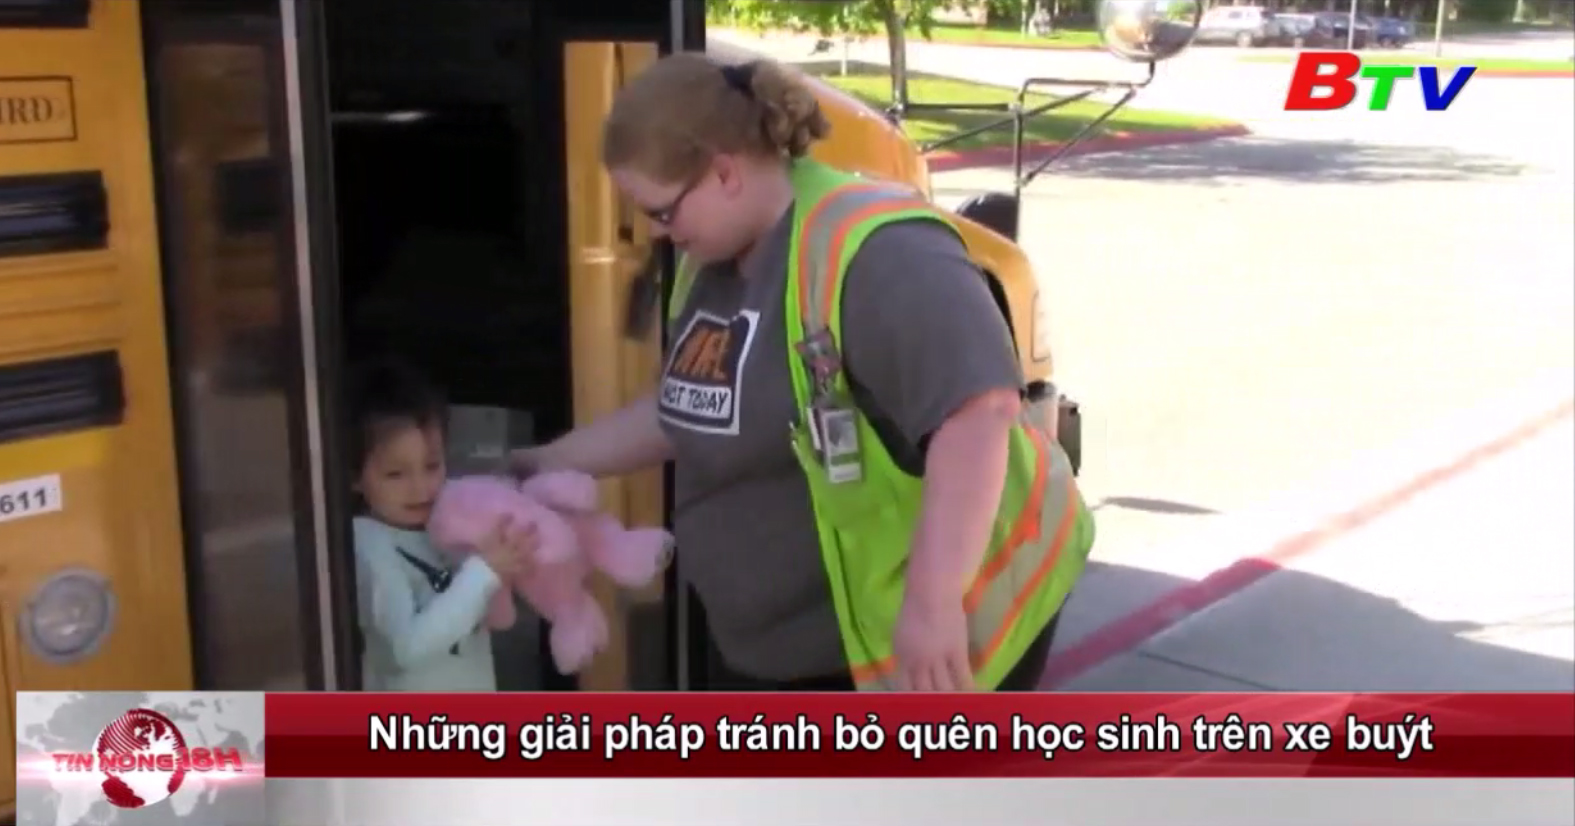 Những giải pháp tránh bỏ quên học sinh trên xe buýt